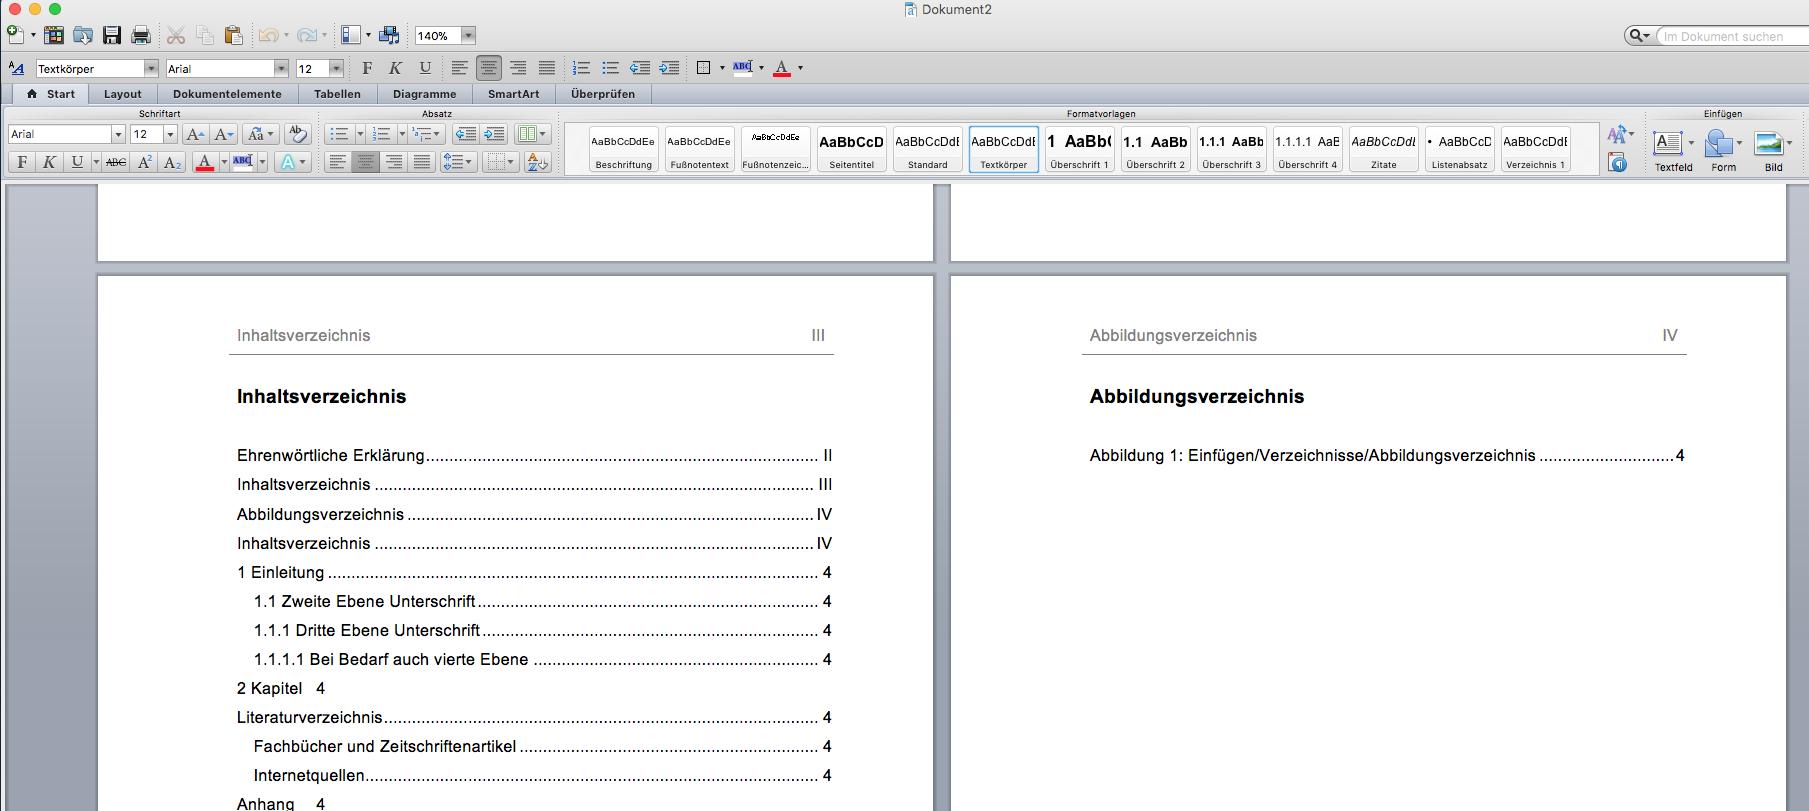 Formatierung der Diplomarbeit mittels Formatvorlage für ein rasches und effizientes Arbeiten